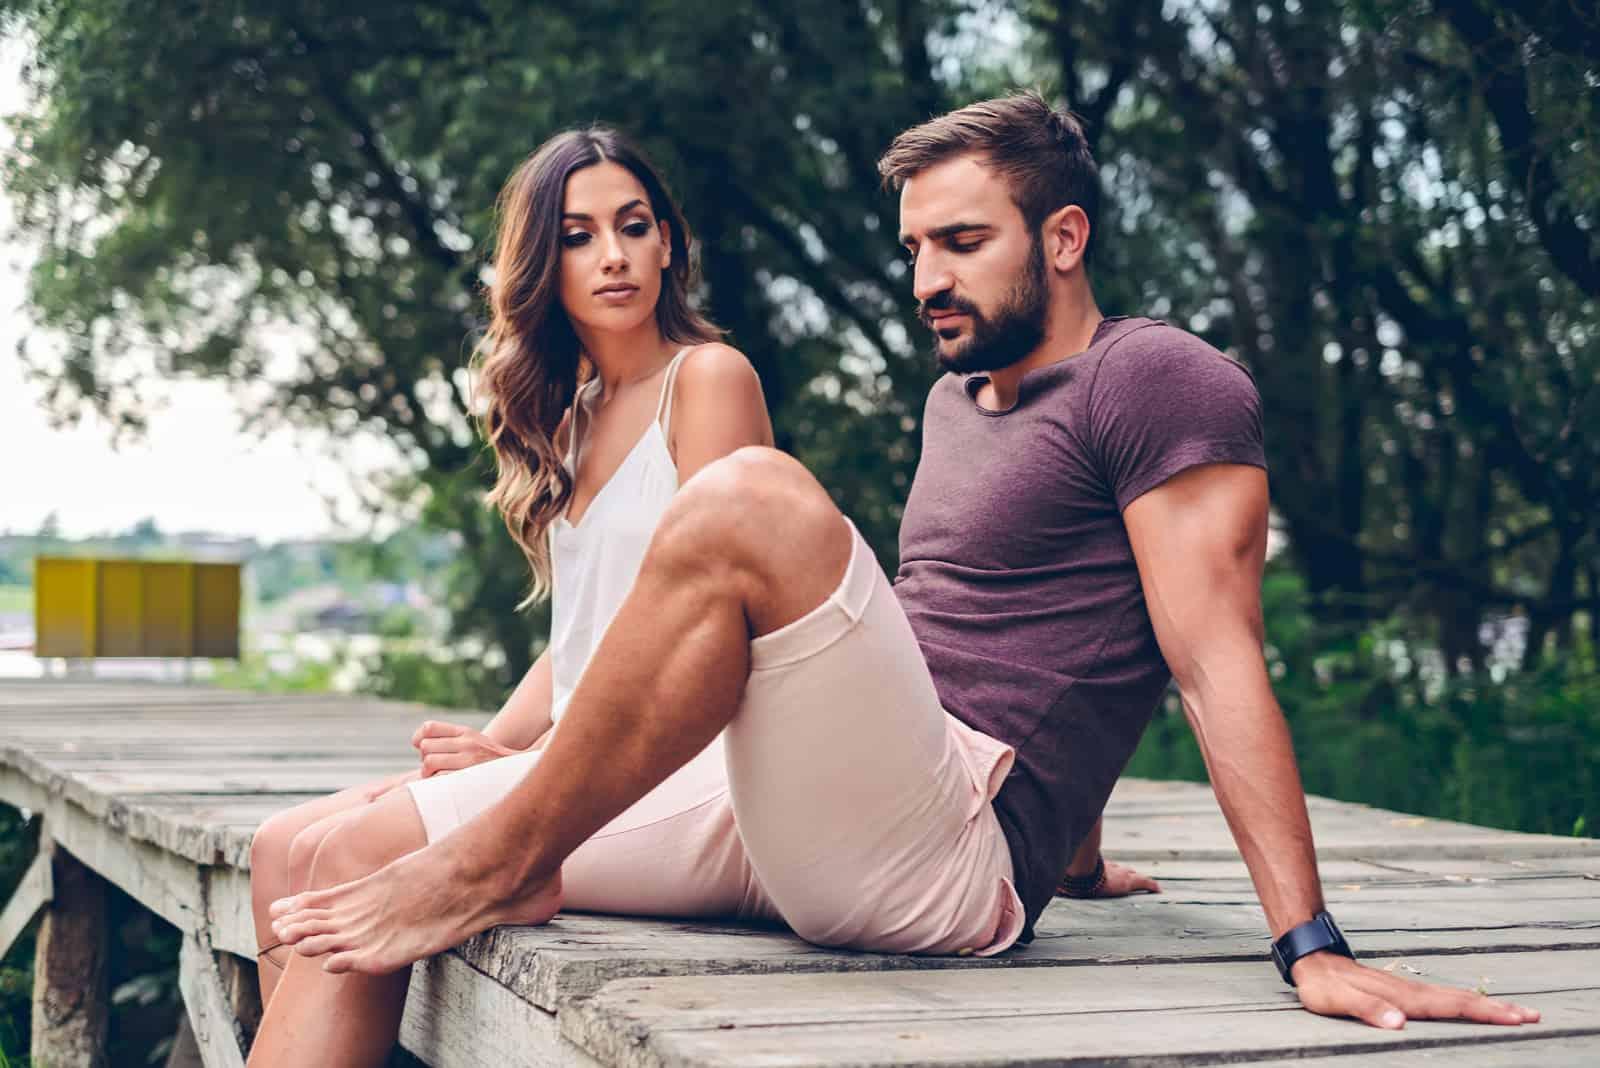 homme et femme tristes assis sur un quai